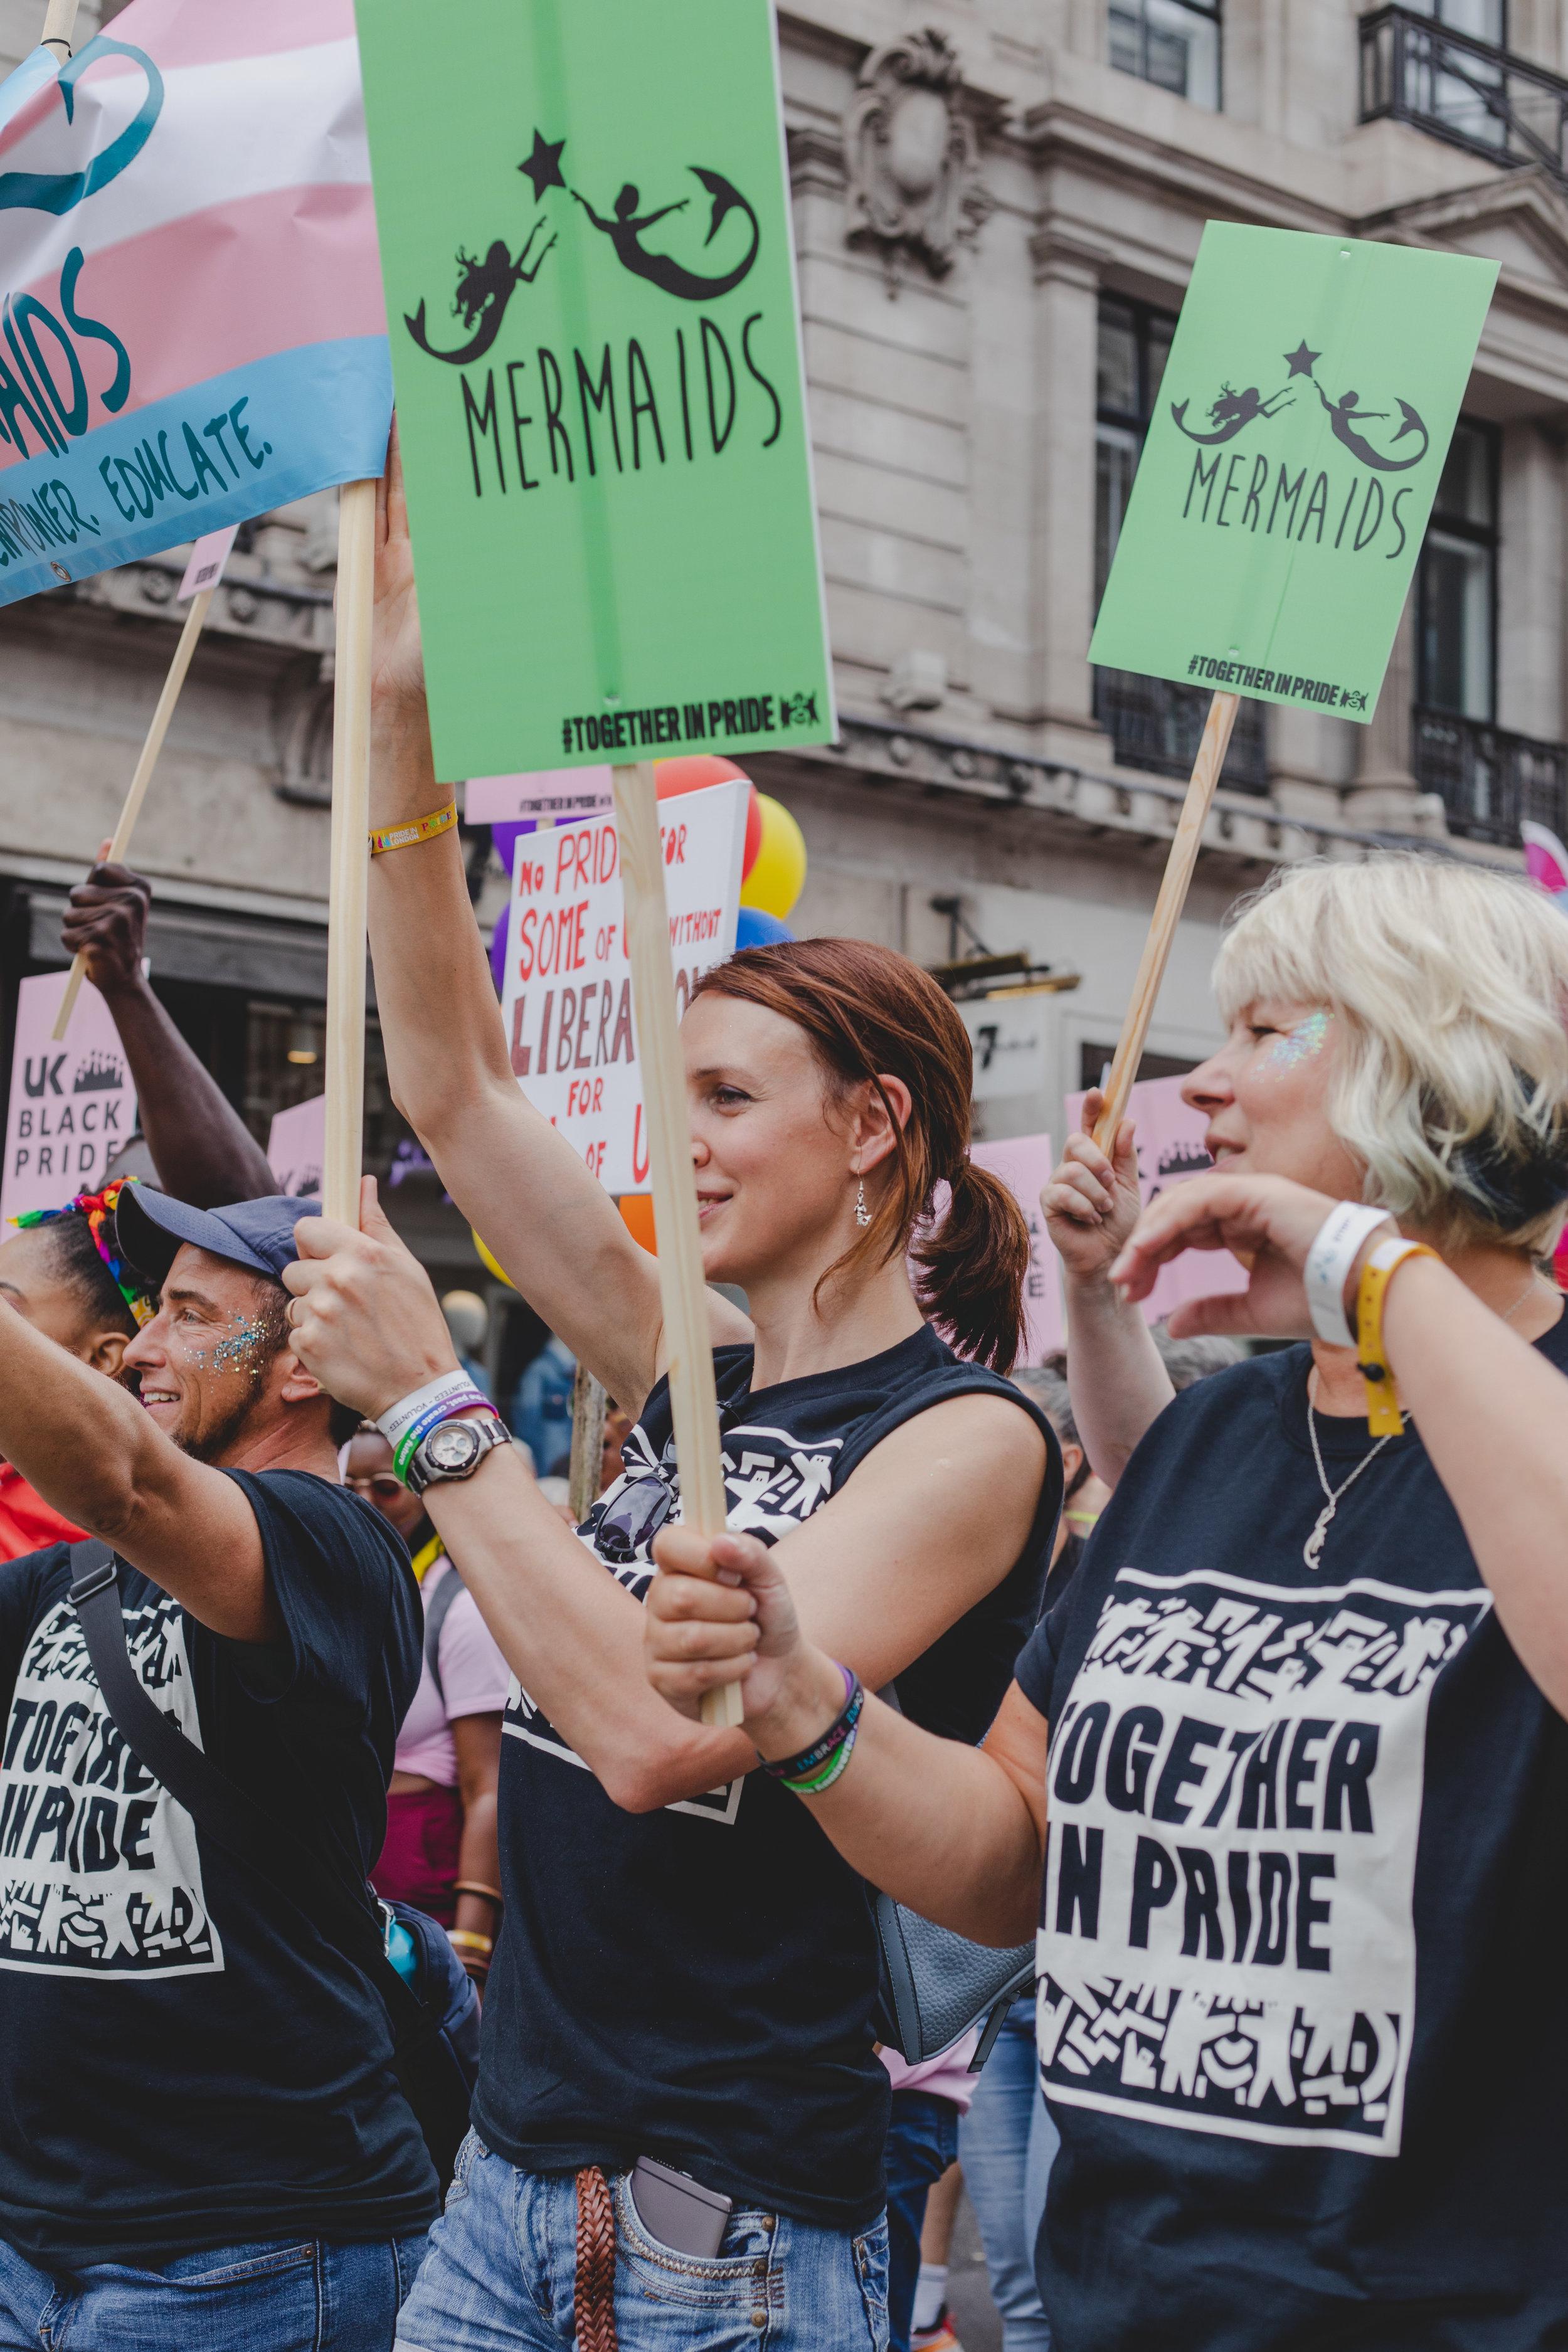 Pride in London 2019 - UK Black Pride, Mermaids and Stonewall